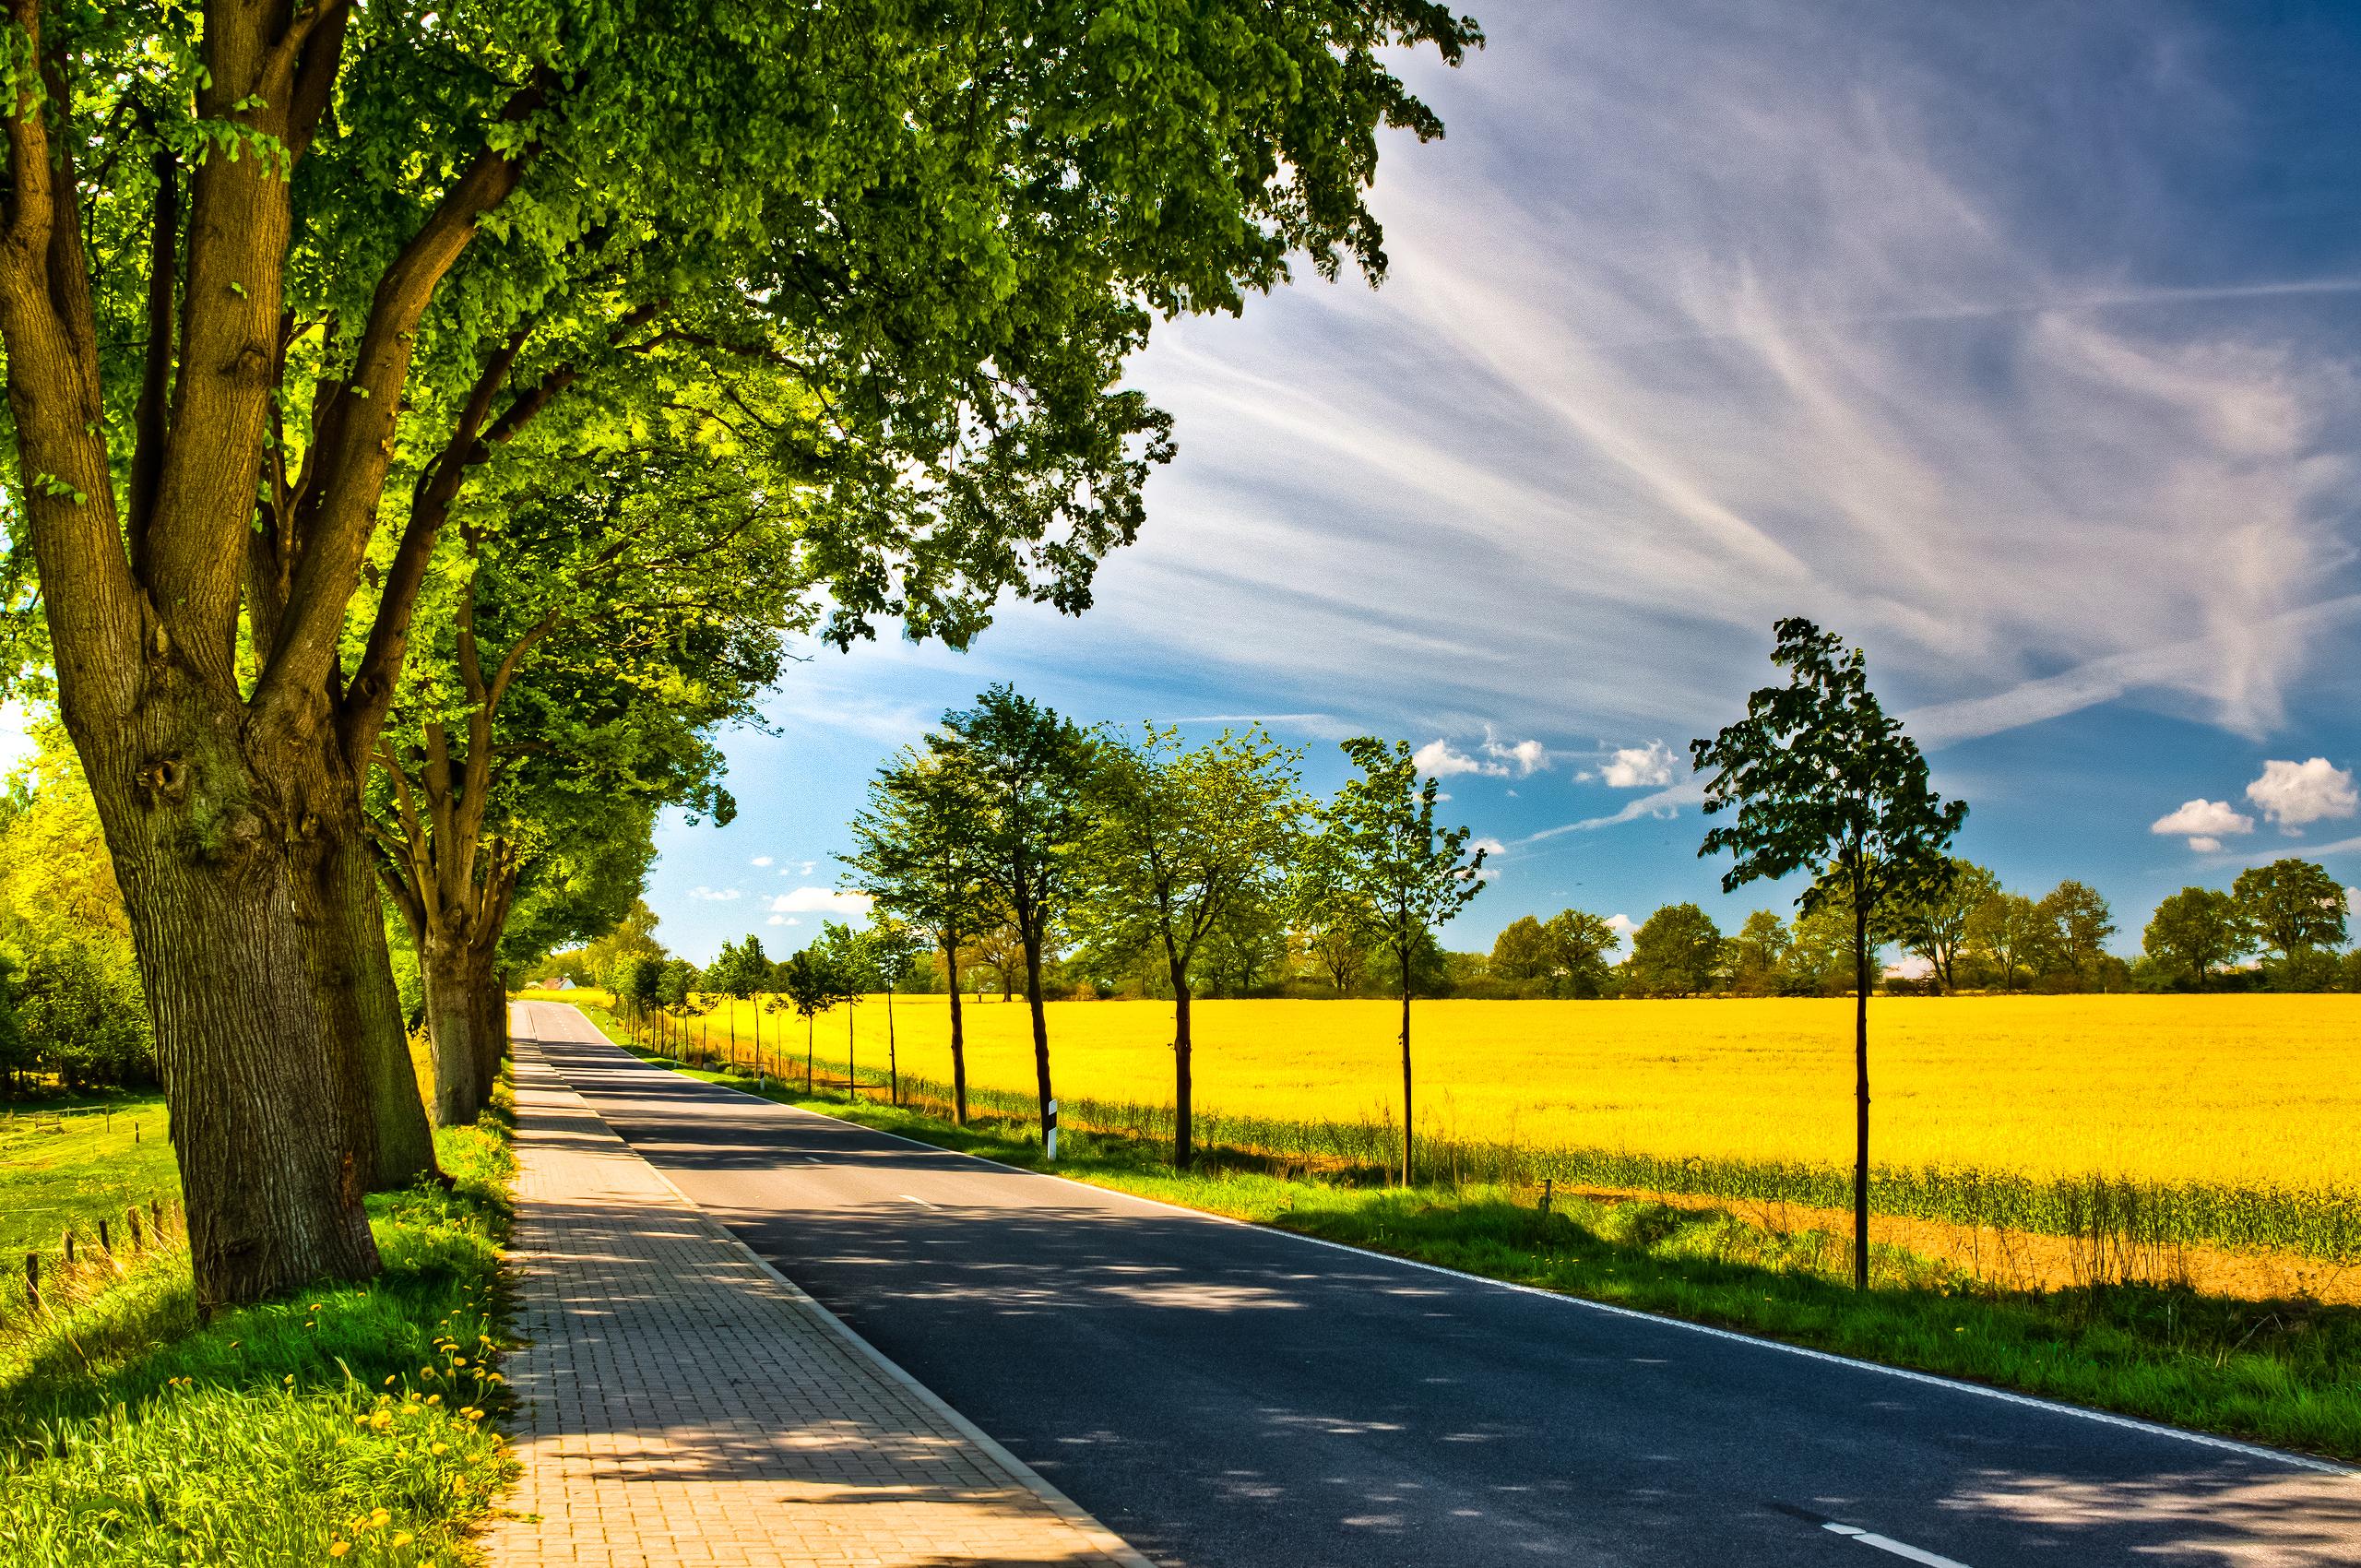 дорога, солнце, трава, деревья  № 3117771  скачать